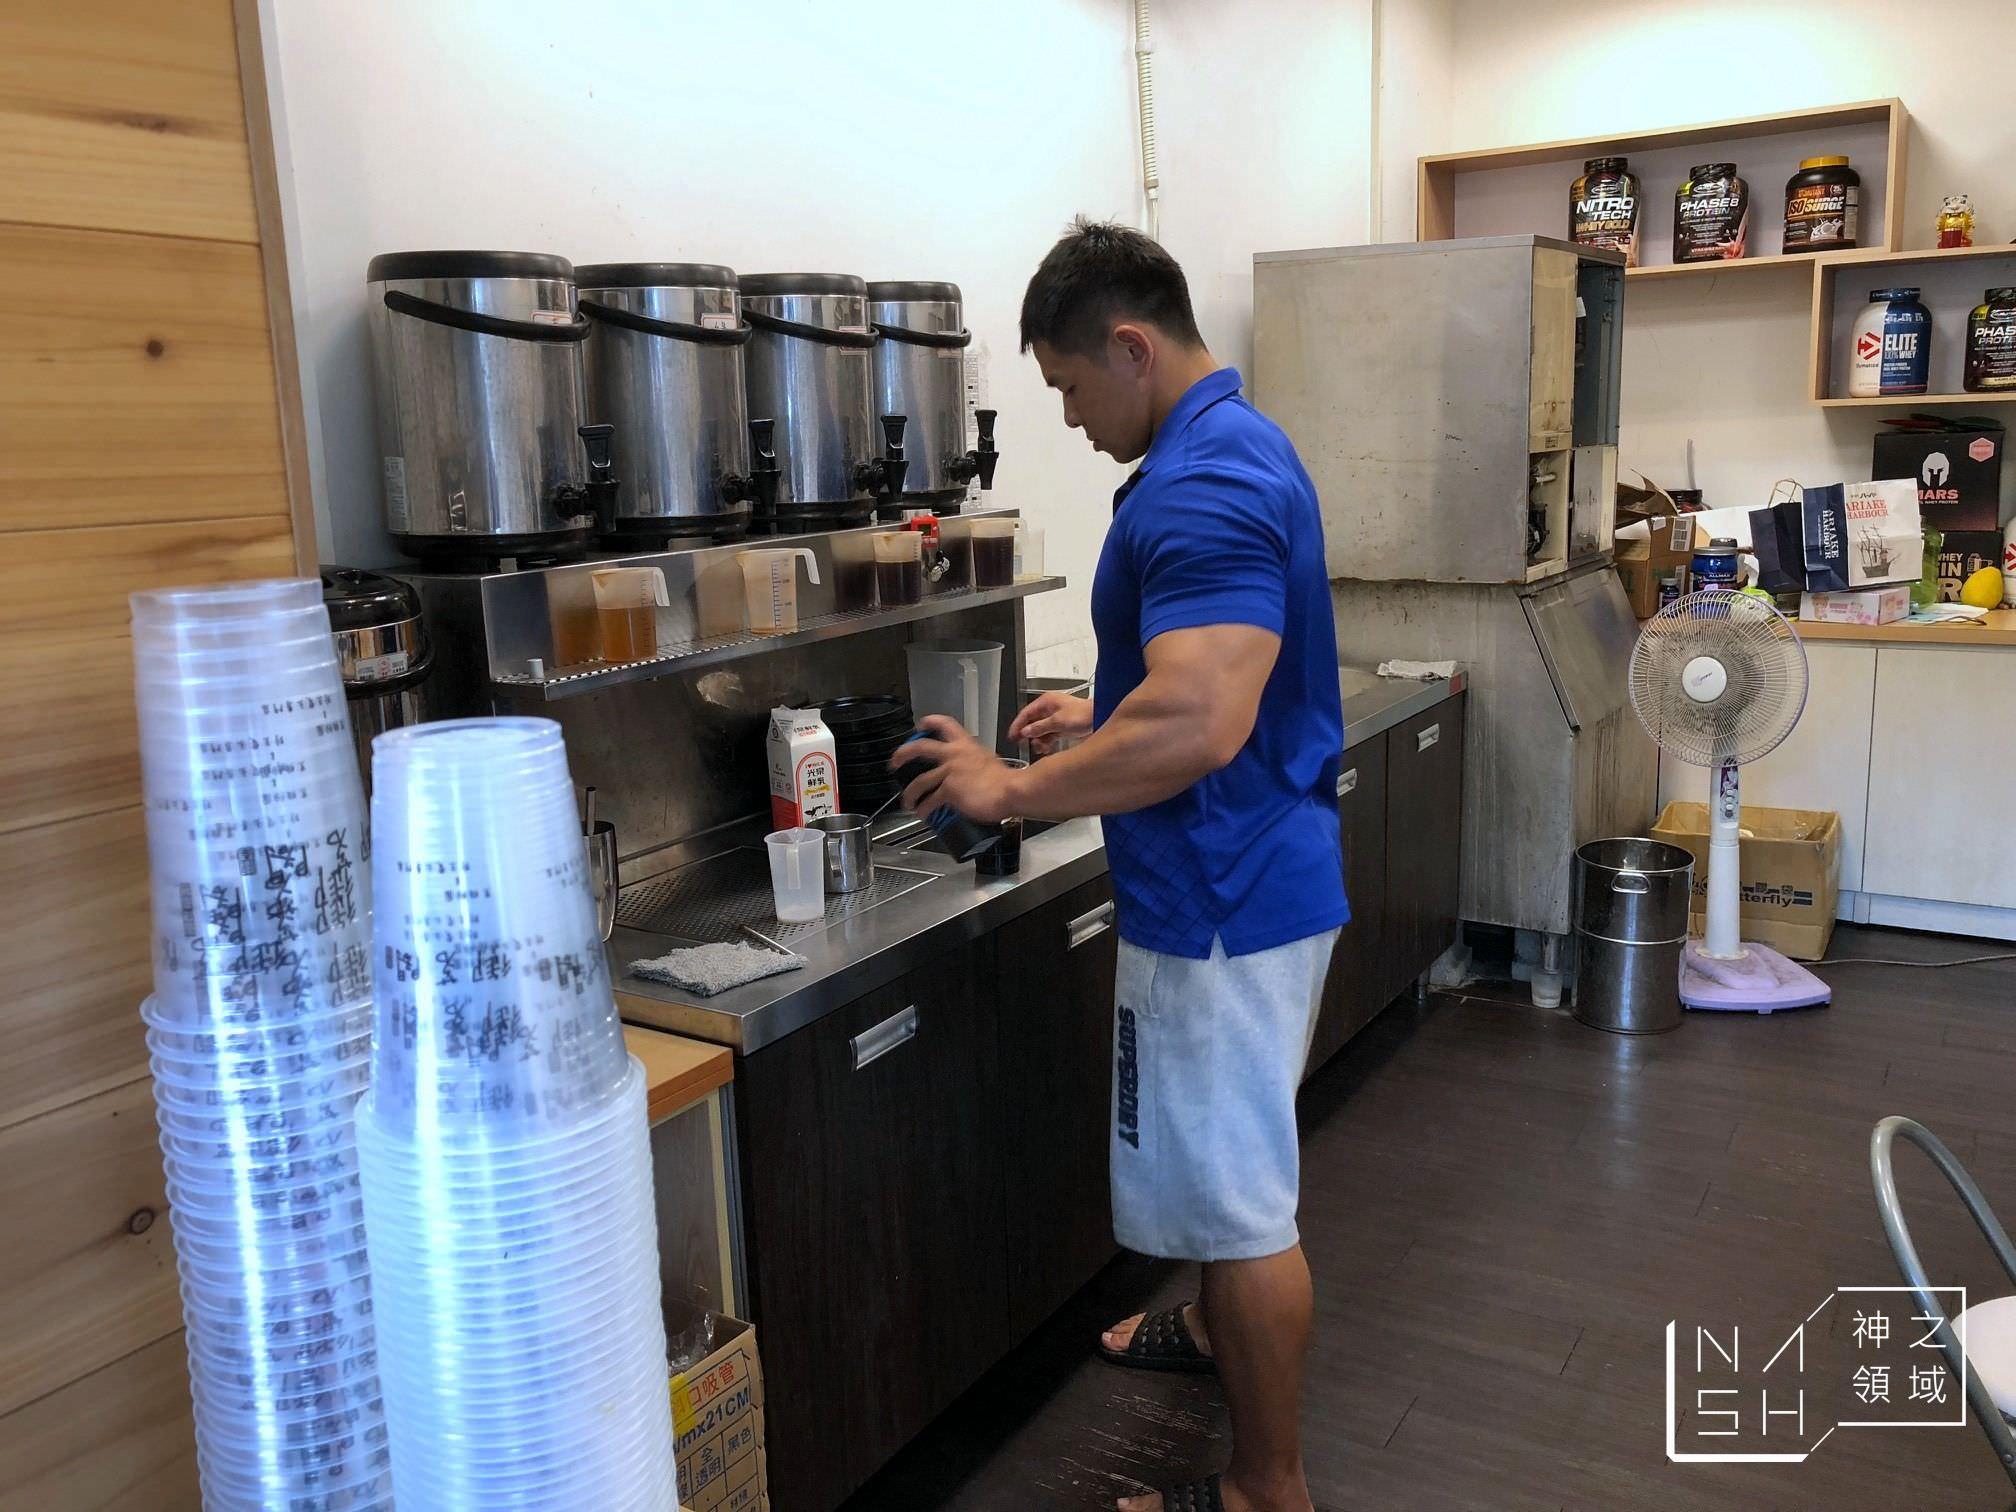 新竹飲料店推薦|御茗閣 黑糖珍珠鮮奶好喝!老闆還會特製高蛋白飲品